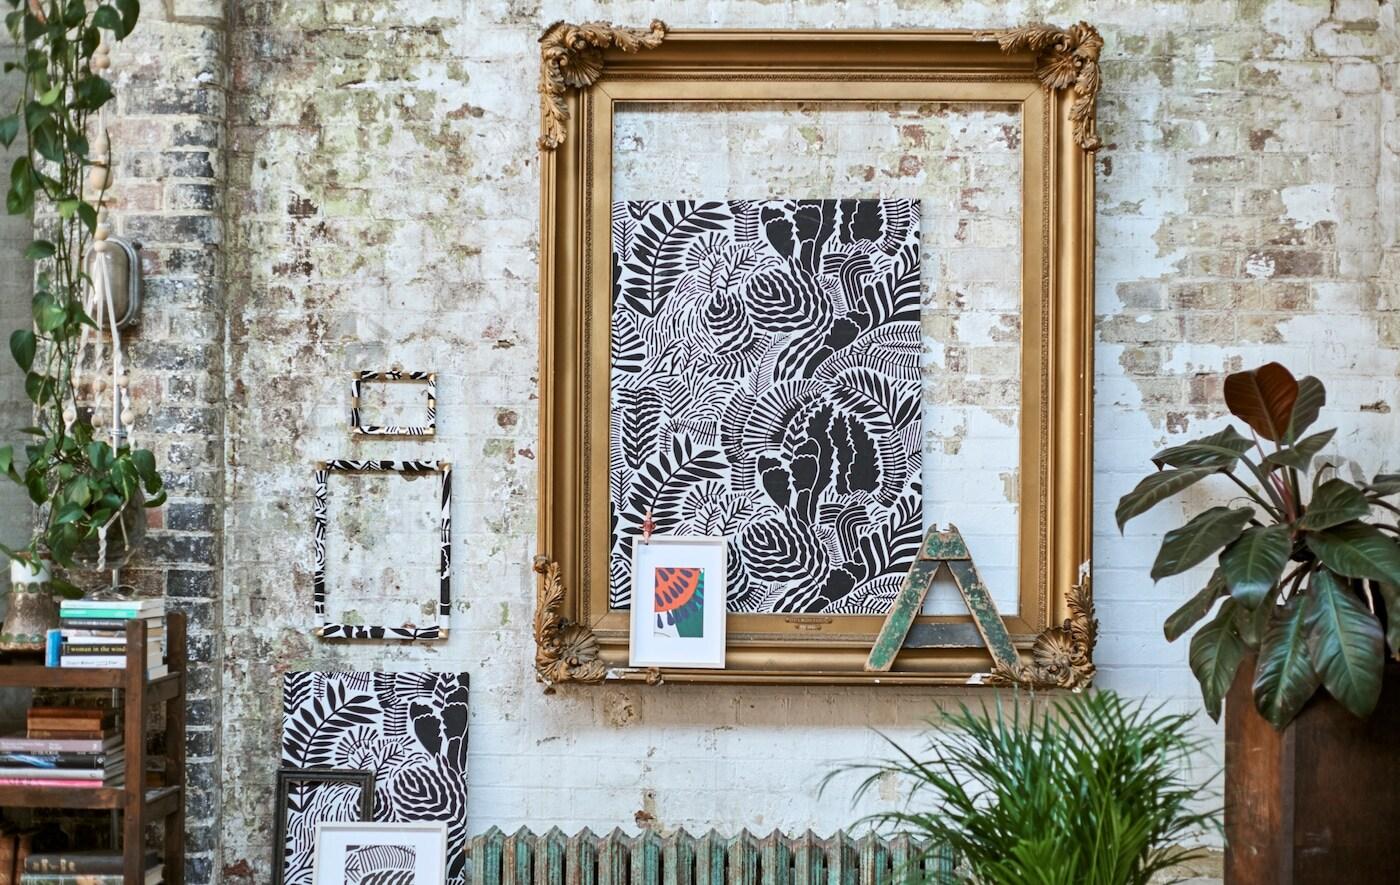 Une galerie de tissus à motifs encadrés, accrochés sur un mur de briques avec un grand cadre doré, des plantes suspendues et une bibliothèque.